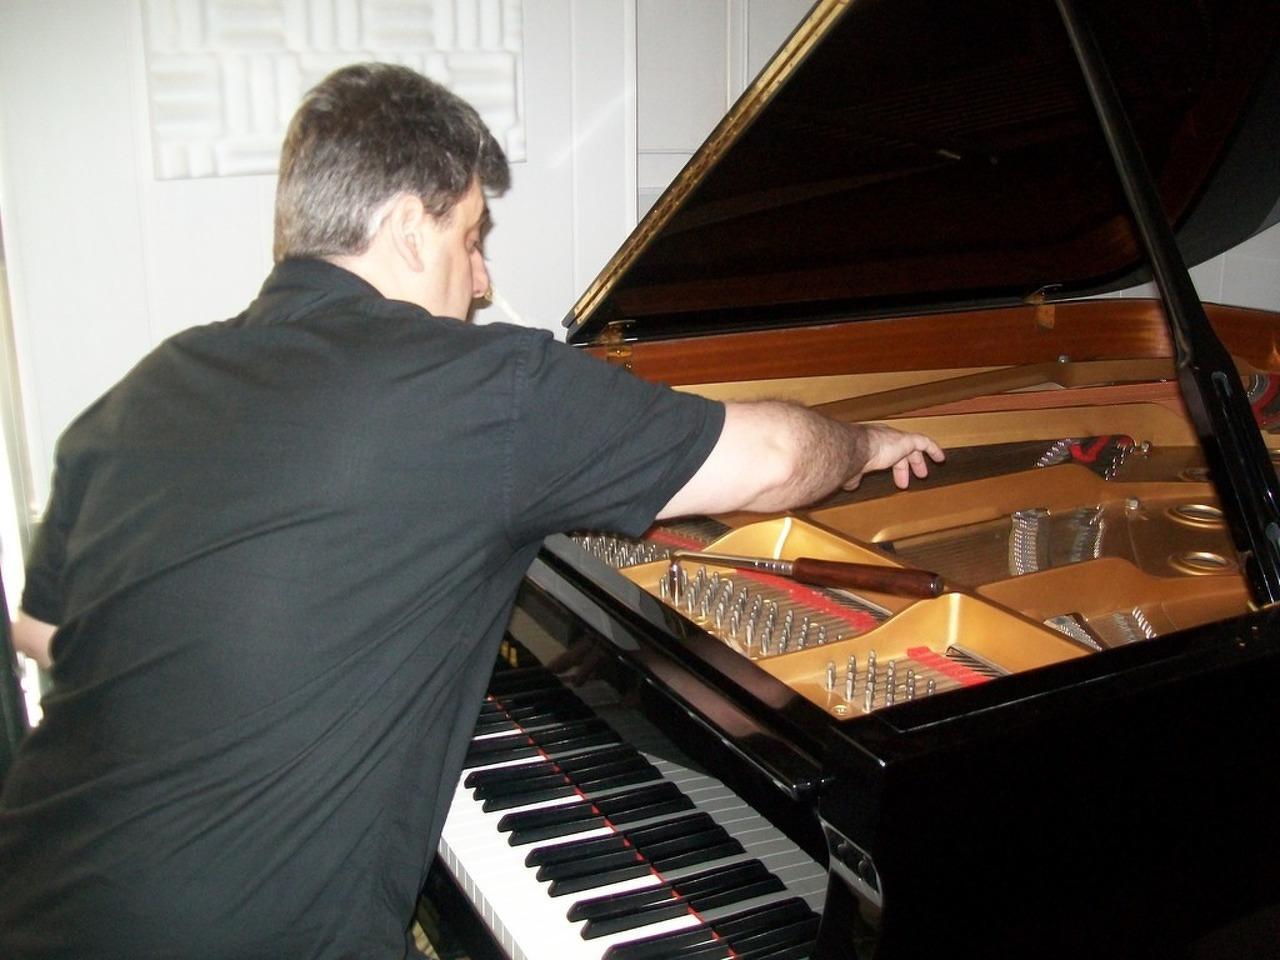 Afinador técnico de pianos . Lisboa - 3/5